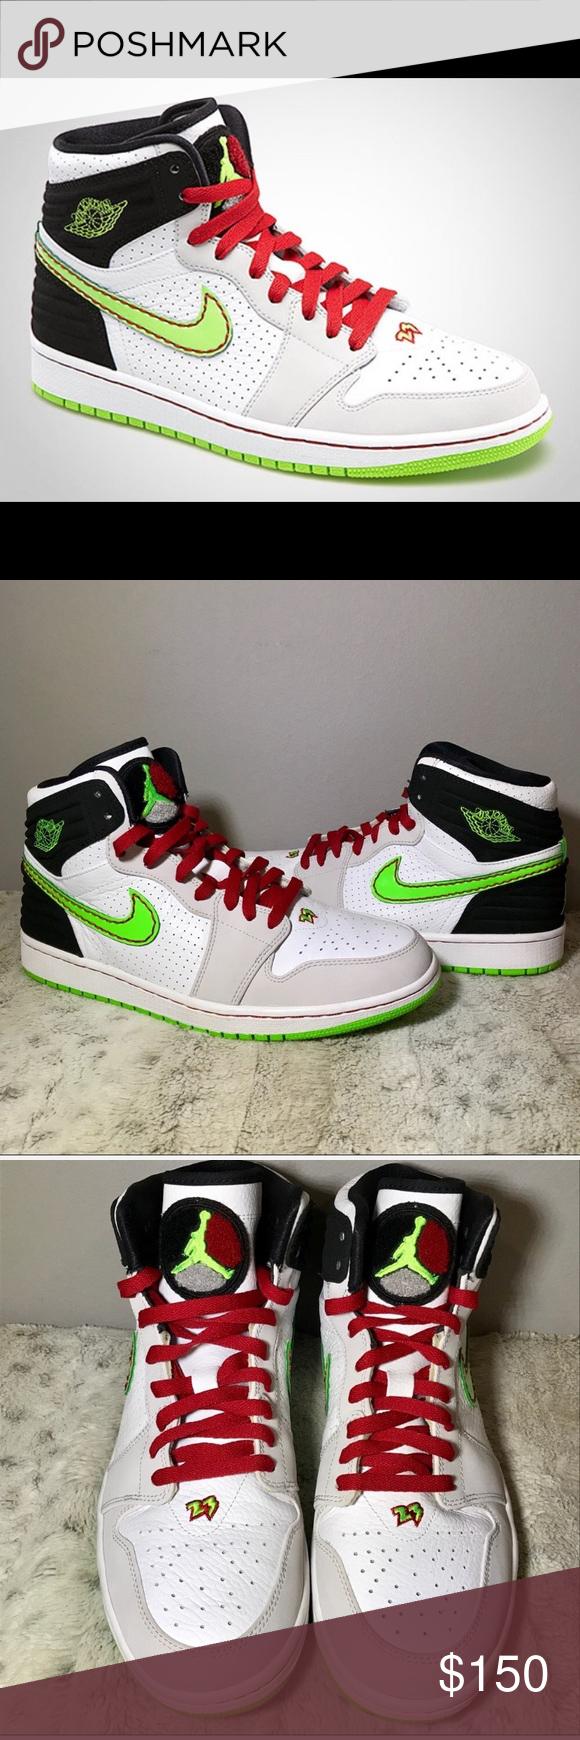 94f928536279 🔥RARE Air Jordan 1 Retro  93 Electric Green 11 🔥RARE Air Jordan 1